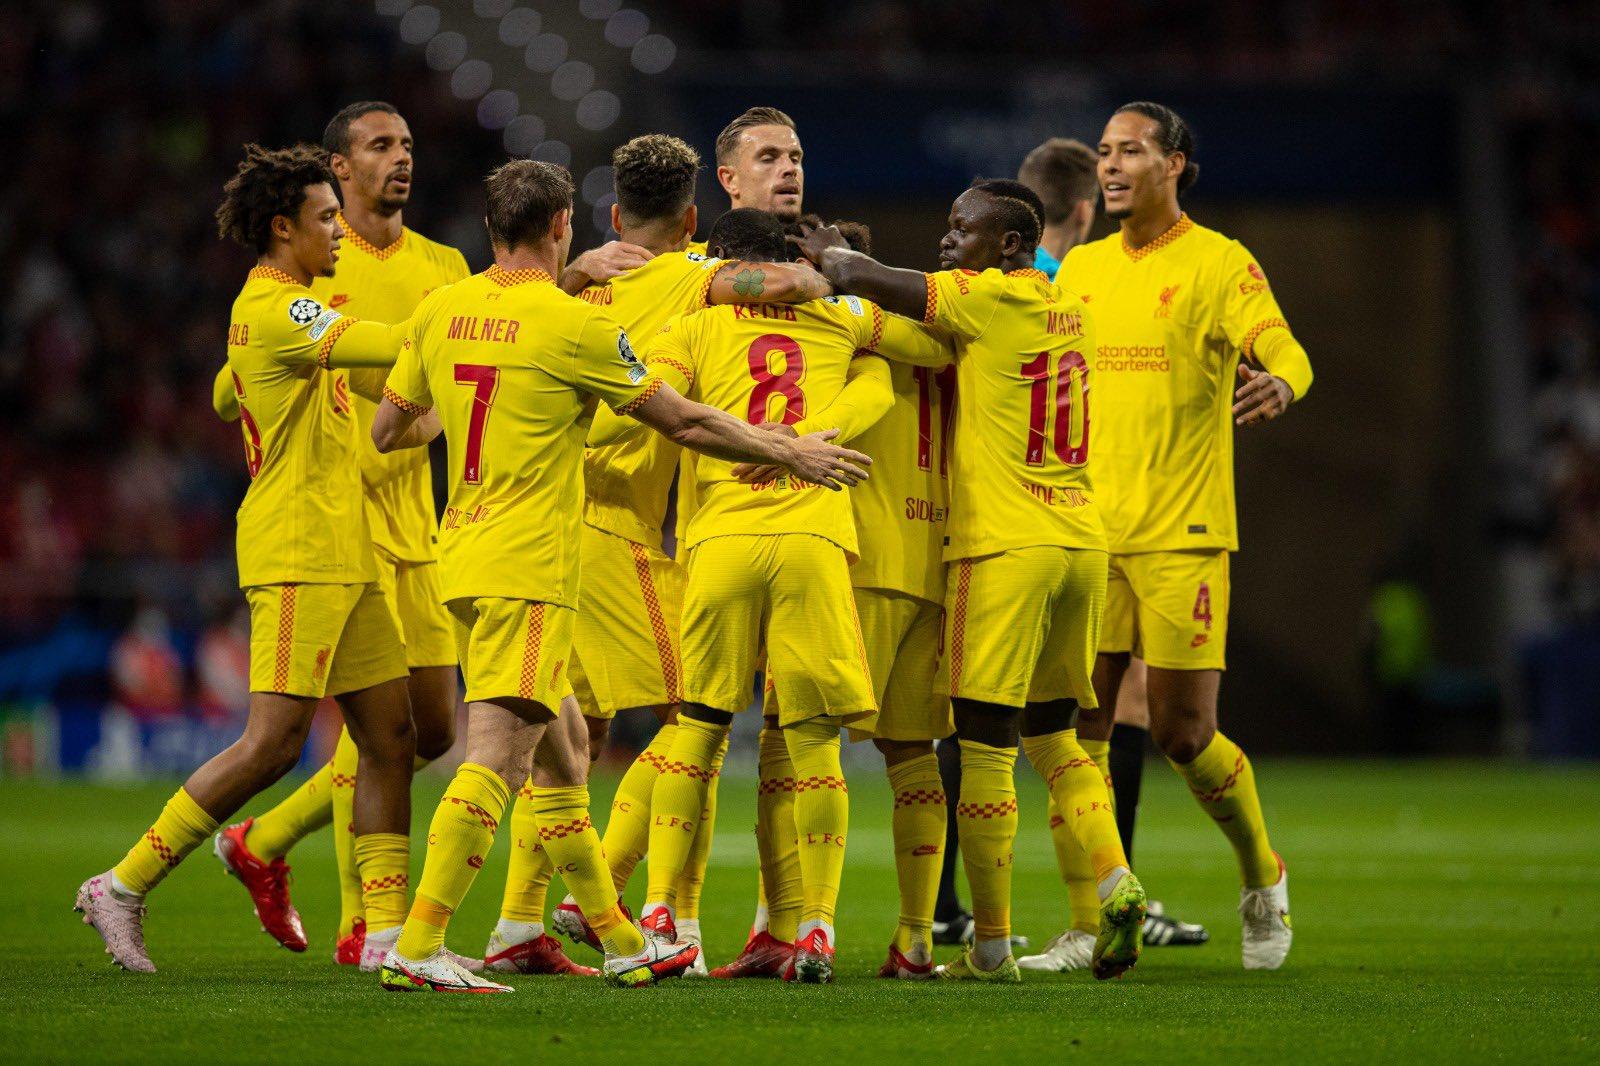 مباراة ليفربول وأتلتيكو مدريد في دوري أبطال أوروبا